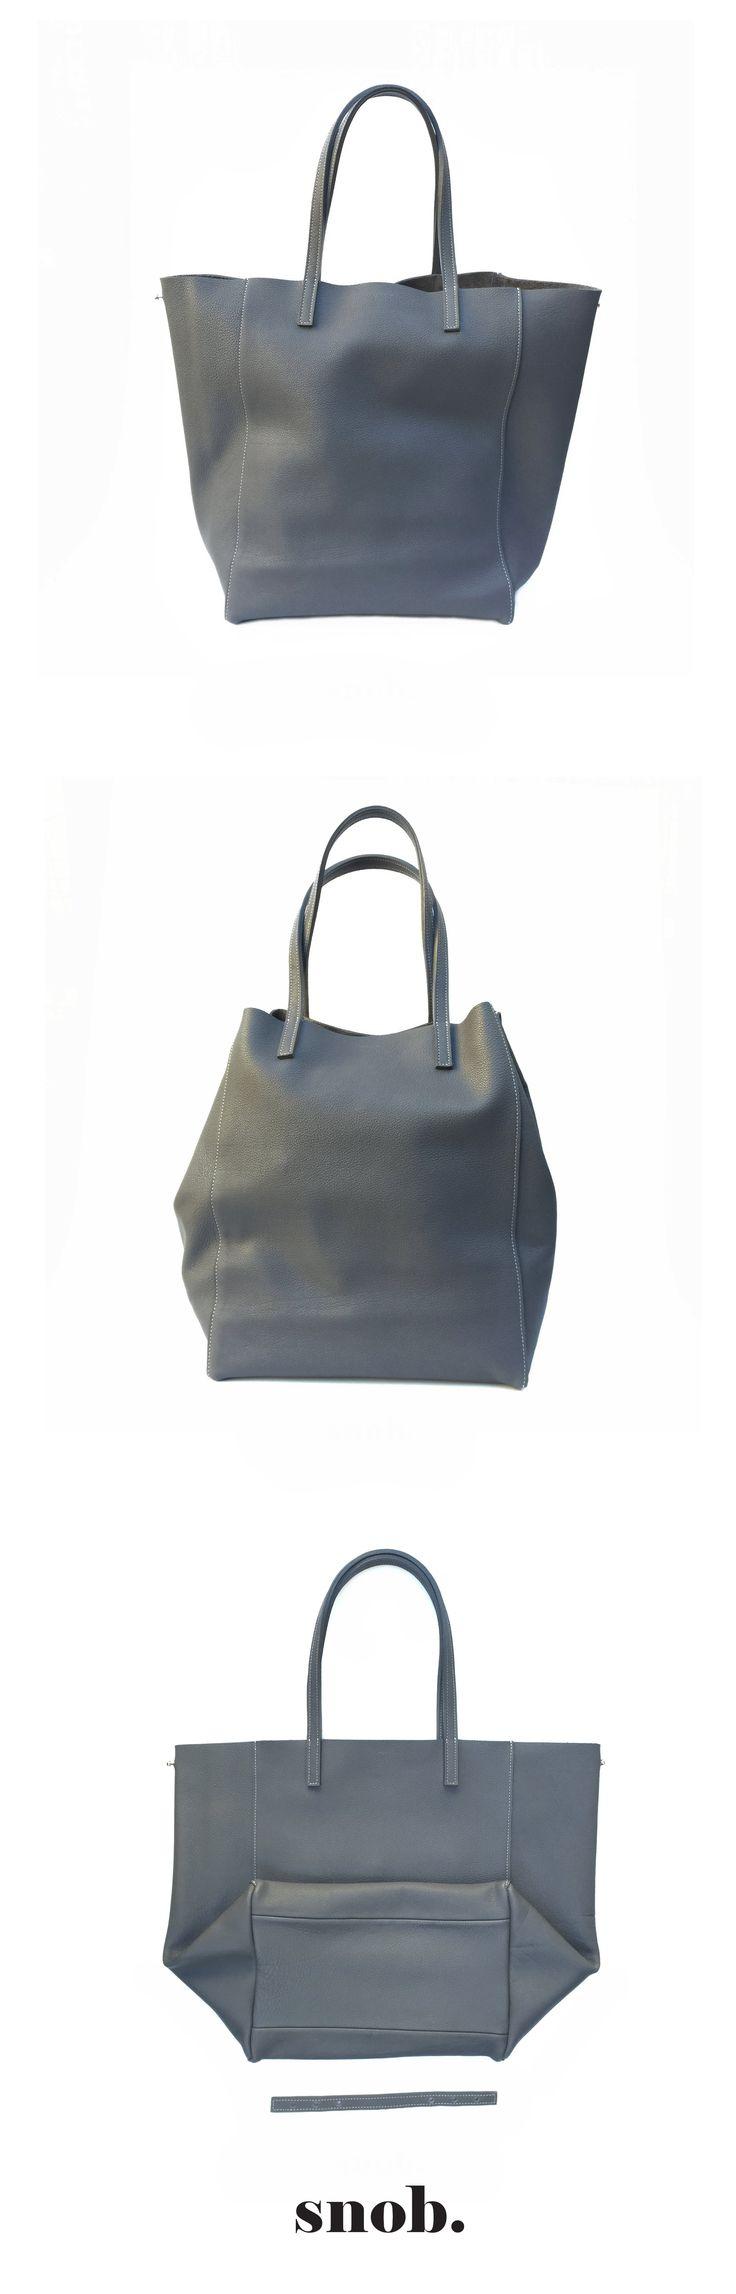 Tote bag #snob #snobdot #totebag #grey #leather